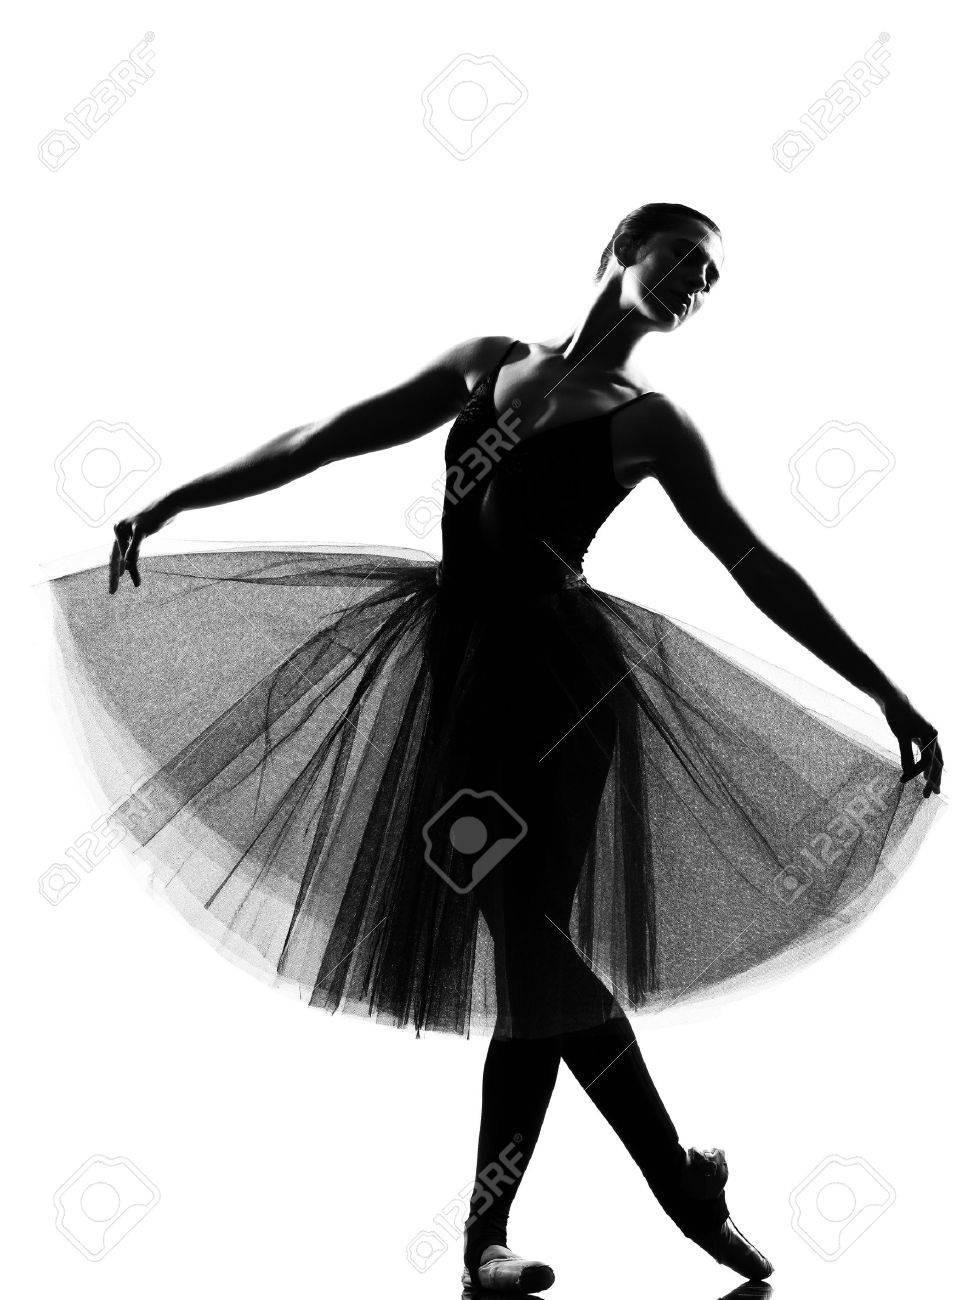 73dc51292c Bailarina de ballet bella mujer caucásica de altura permanente plantean  longitud completa sobre fondo blanco estudio